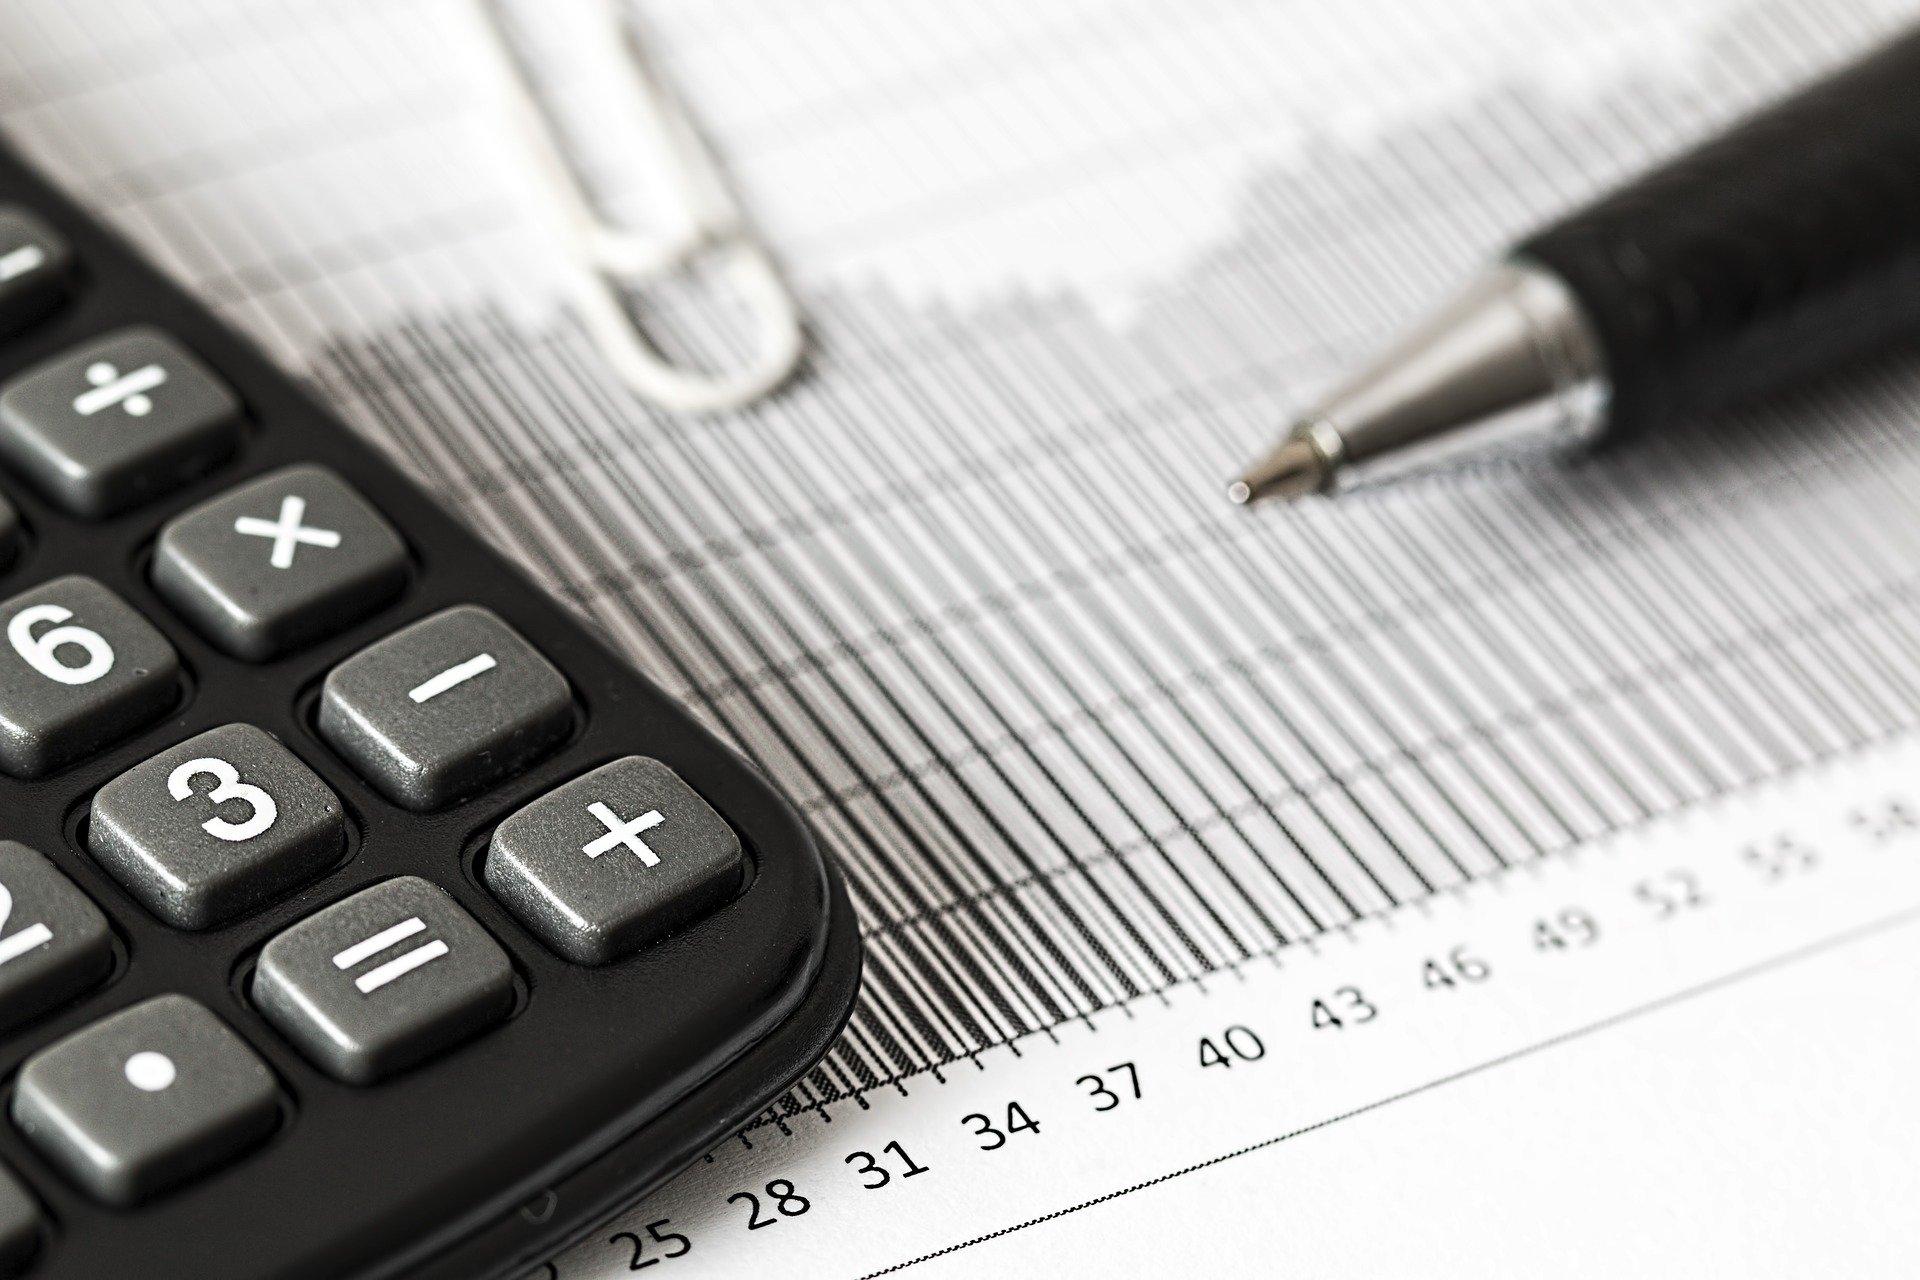 Vemos uma calculadora e uma caneta sobre uma imagem de um gráfico (imagem ilustrativa). Texto: franquia de negócios e serviços.